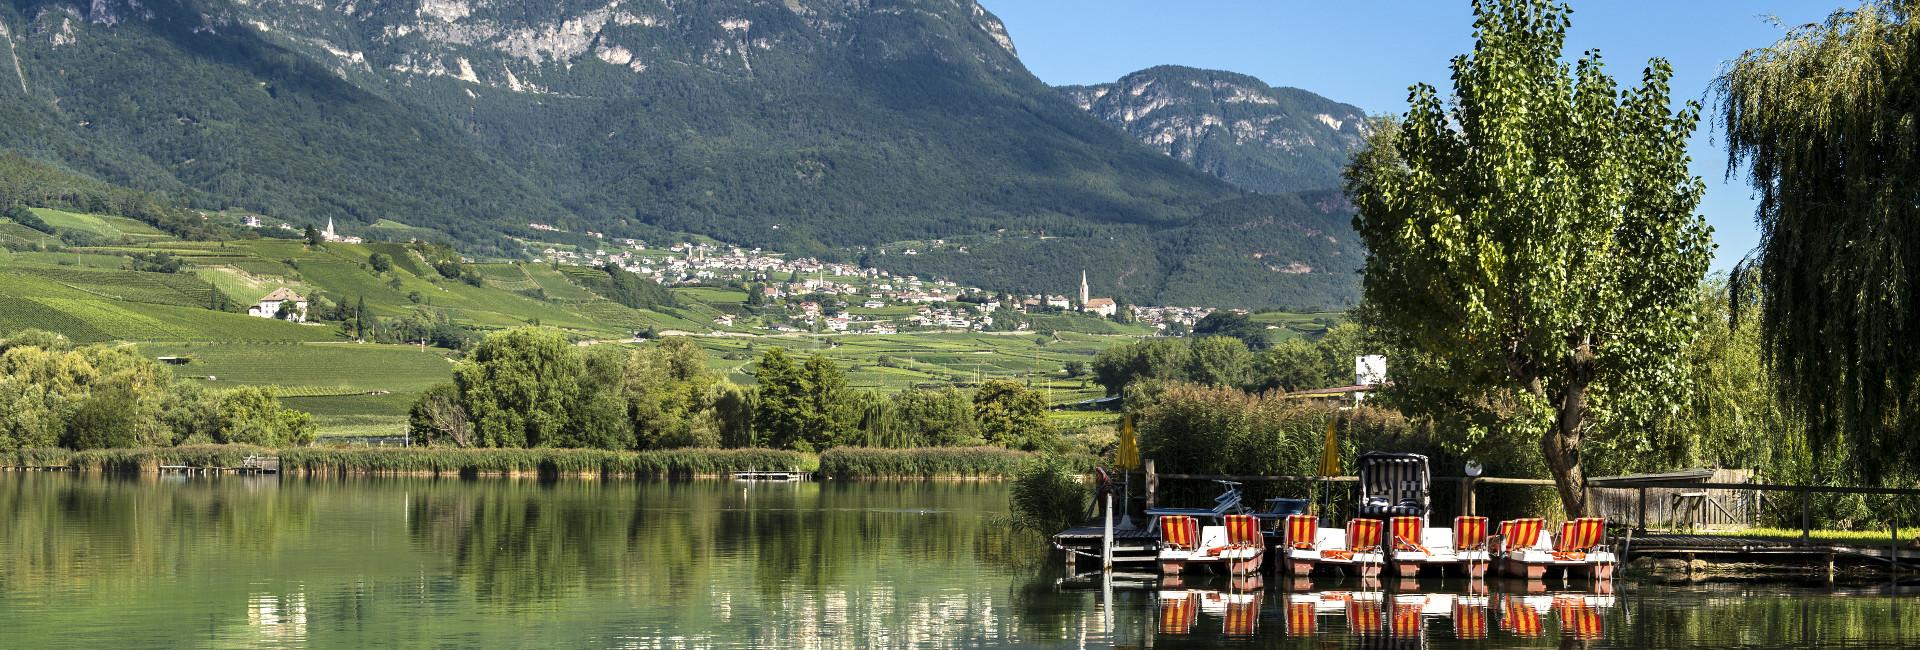 Kalterer See und Blick zum Dorf Richtung Hotel Kaltern Hasslhof